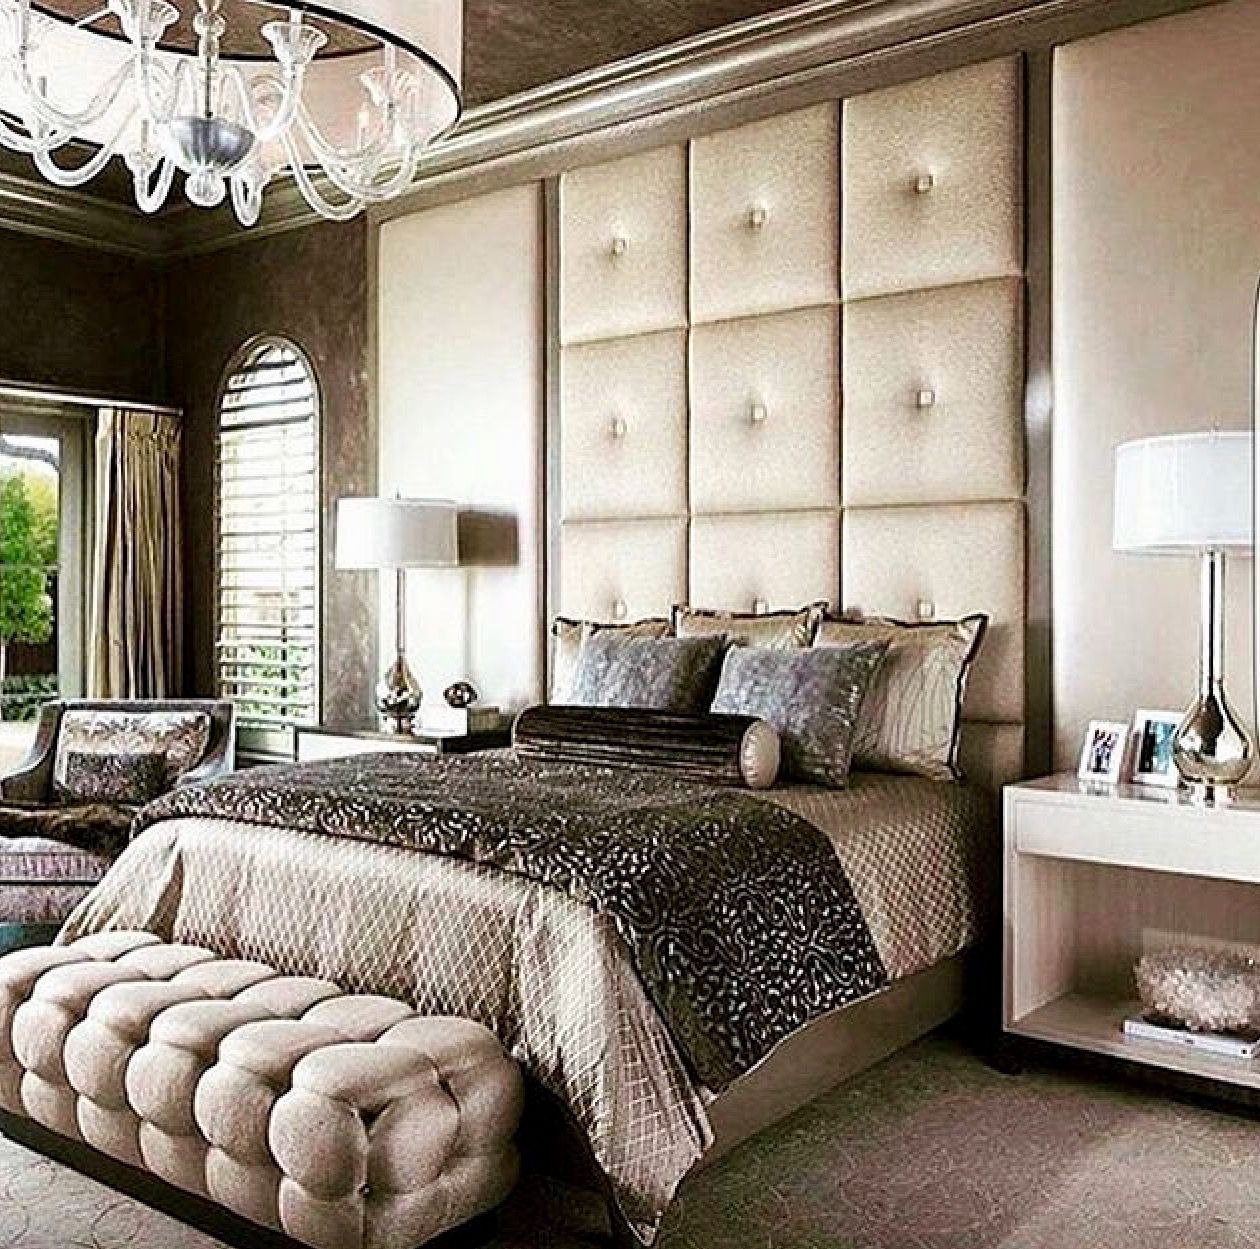 Stilvolle Schöne Schlafzimmermöbel Setzt Hübsche Schlafzimmermöbel Schöne  Schlafzimmermöbel, Schöne